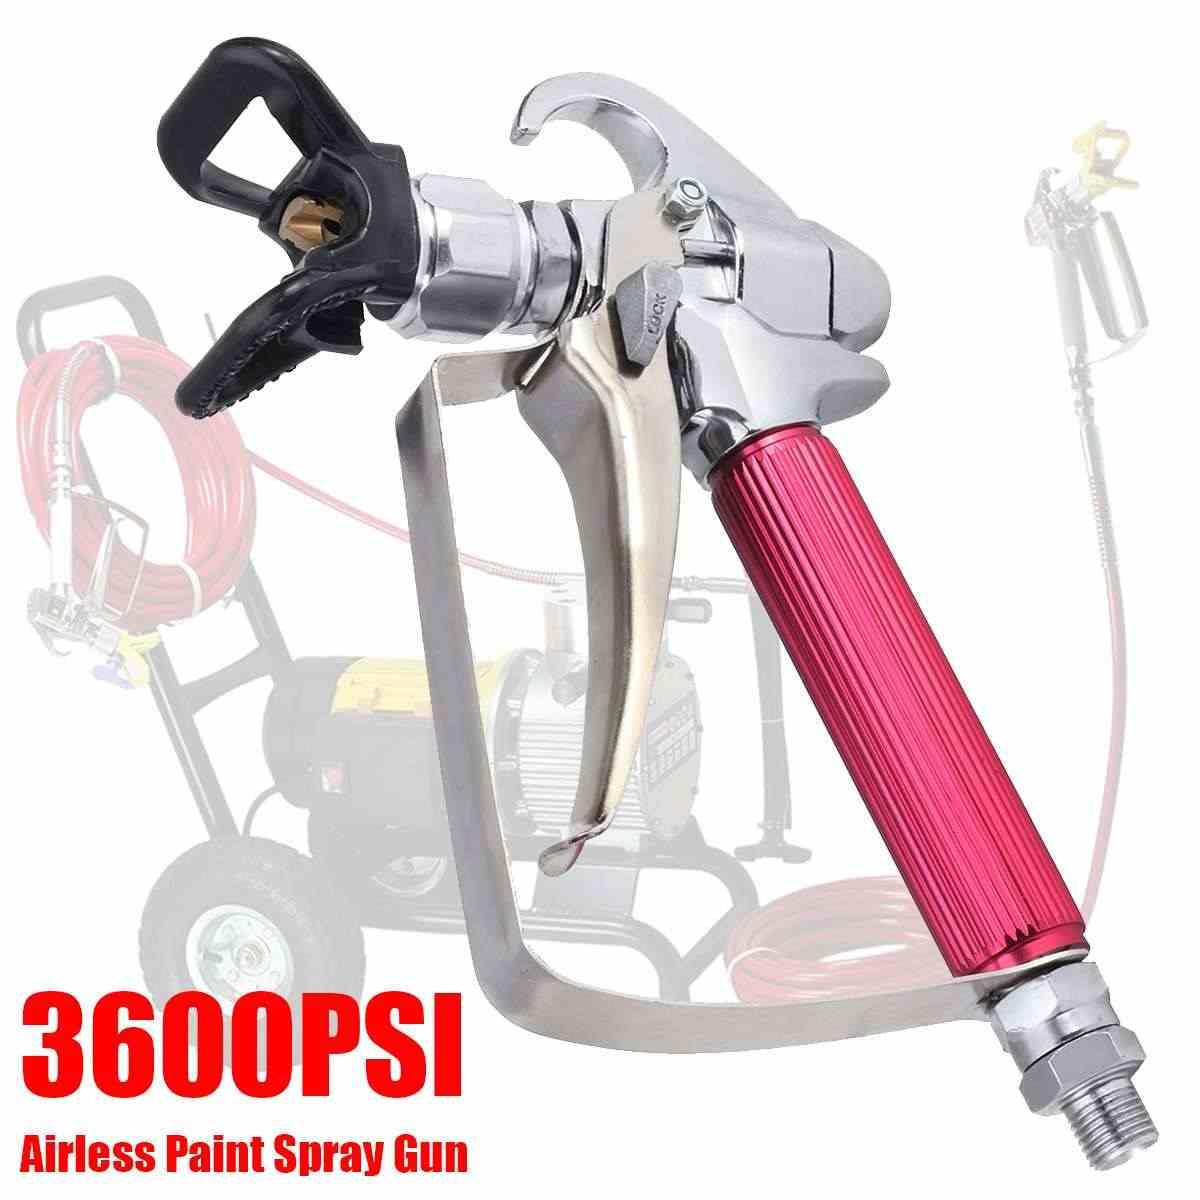 3600PSI 248Bar yüksek basınçlı havasız boya püskürtme G un Airbrush İpucu Guard ile pompa için püskürtme makinesi